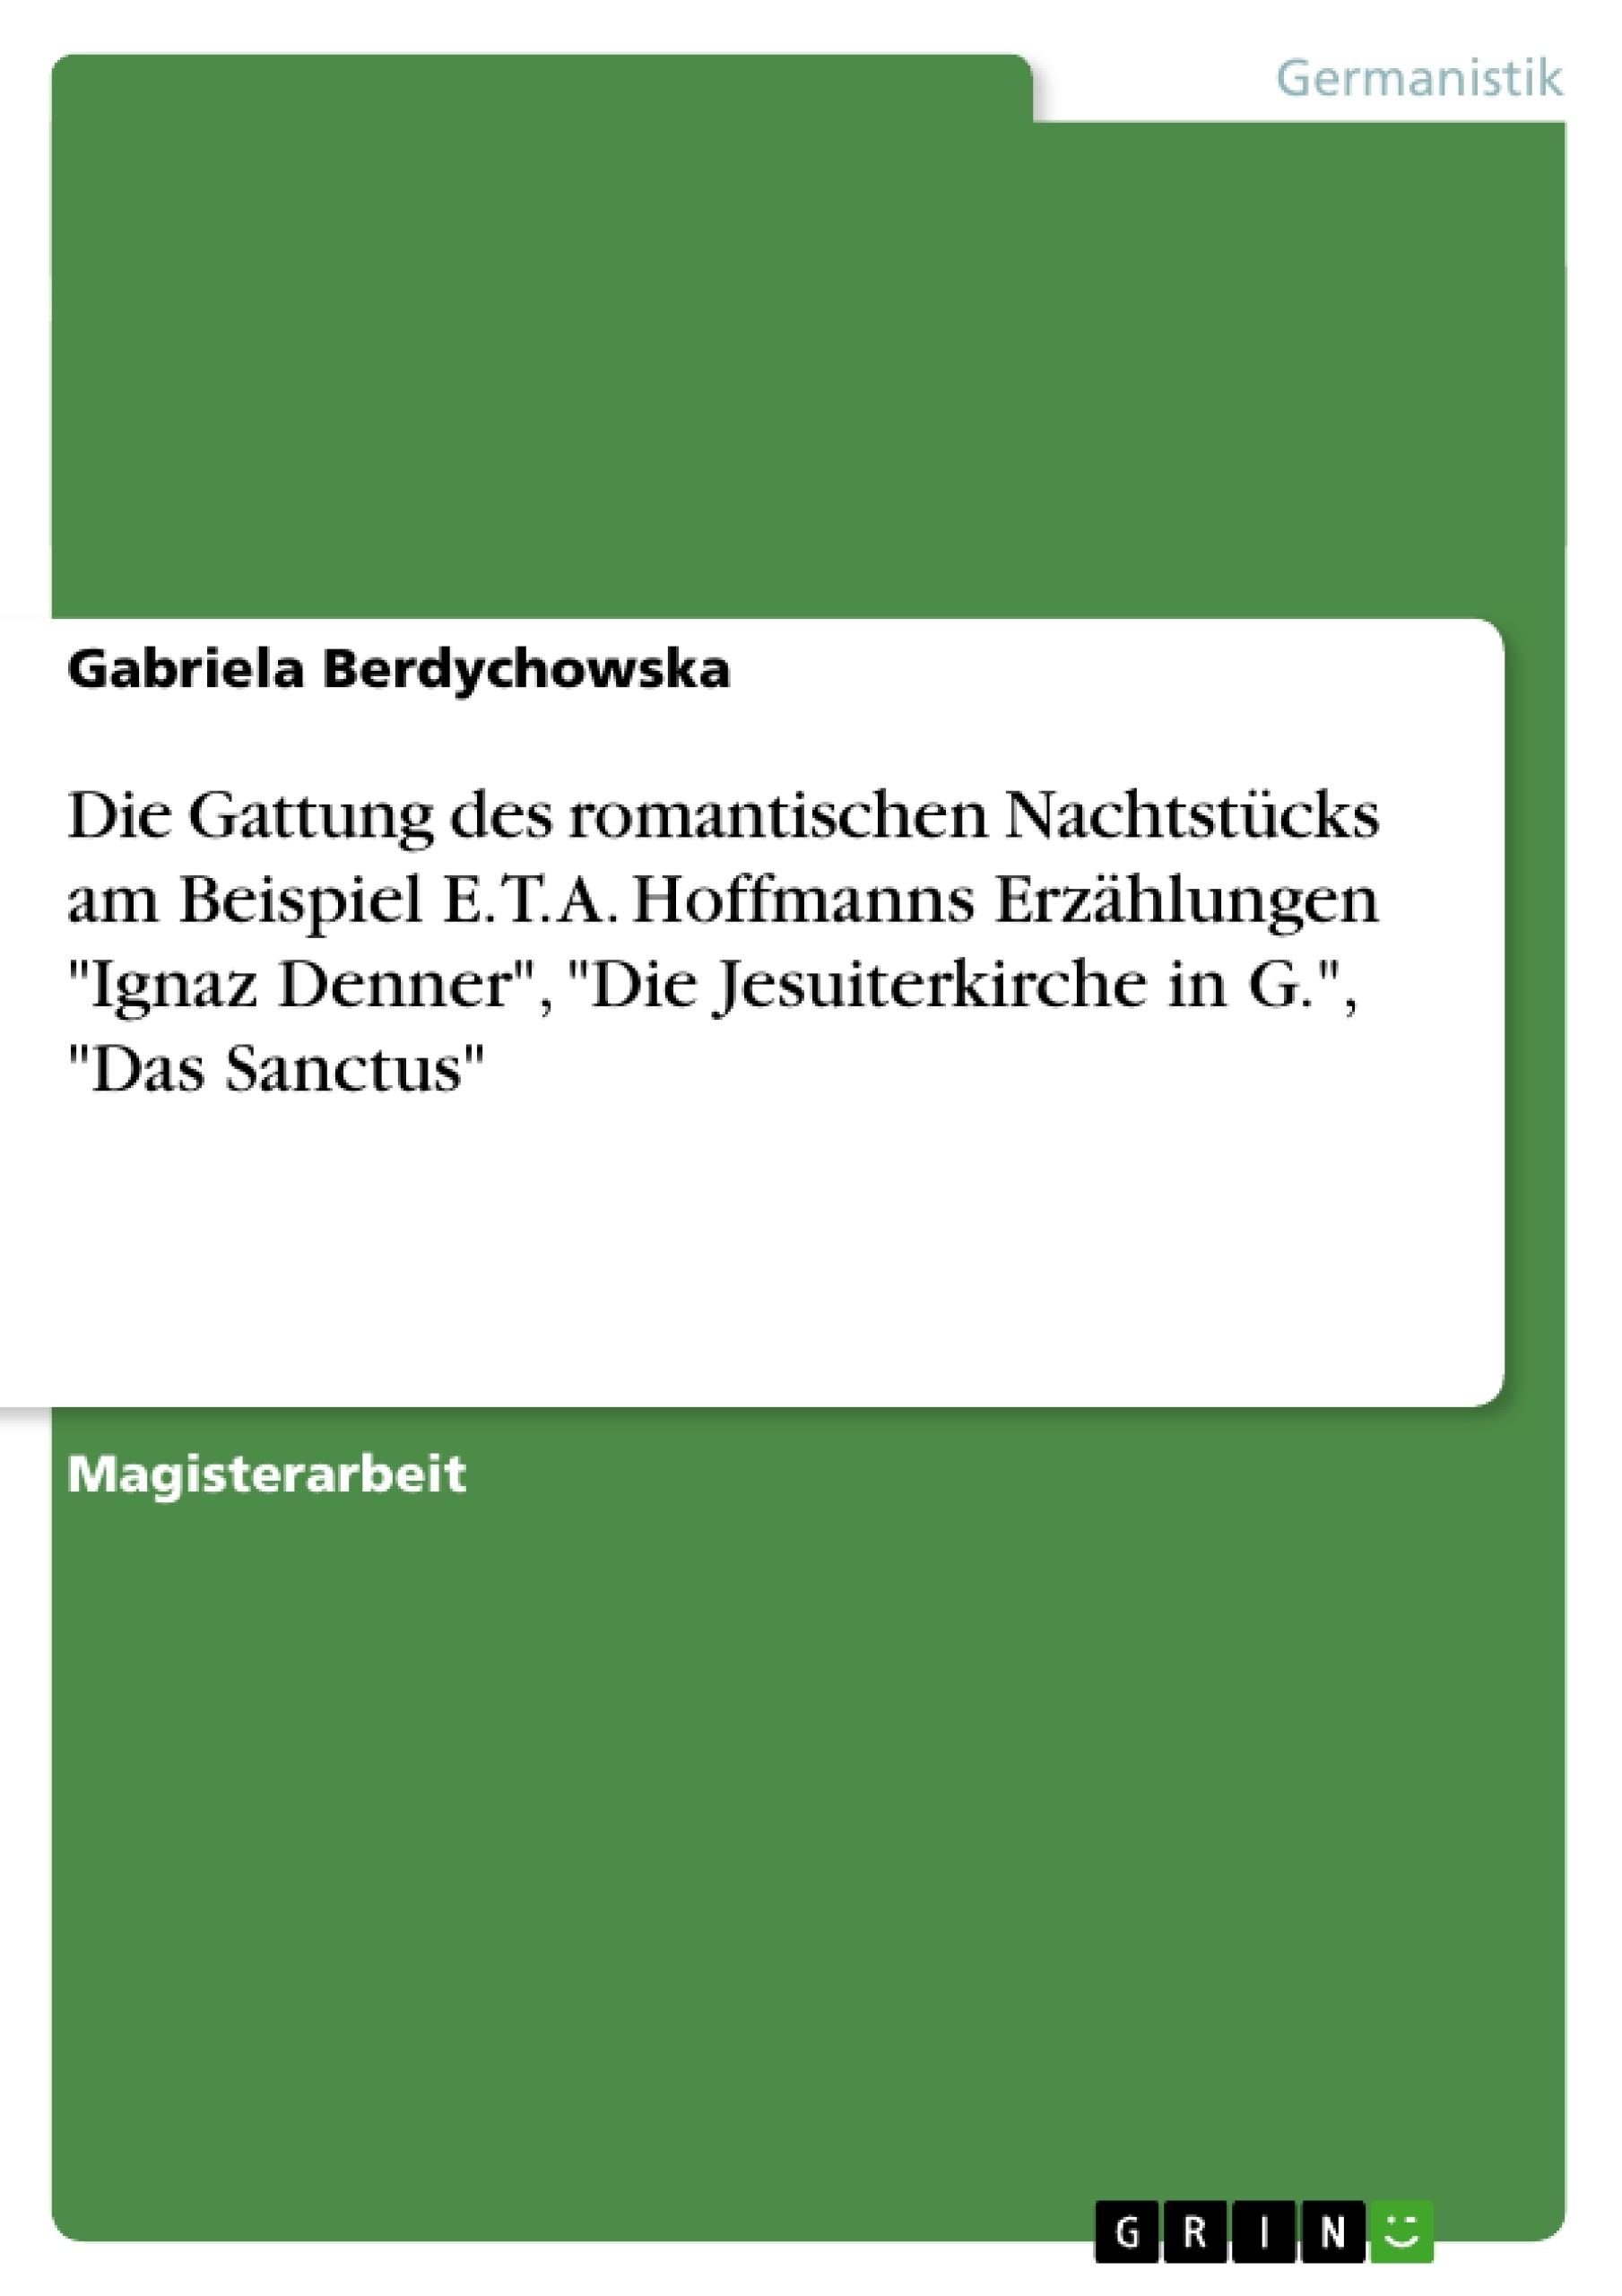 """Titel: Die Gattung des romantischen Nachtstücks am Beispiel E. T. A. Hoffmanns Erzählungen """"Ignaz Denner"""", """"Die Jesuiterkirche in G."""", """"Das Sanctus"""""""